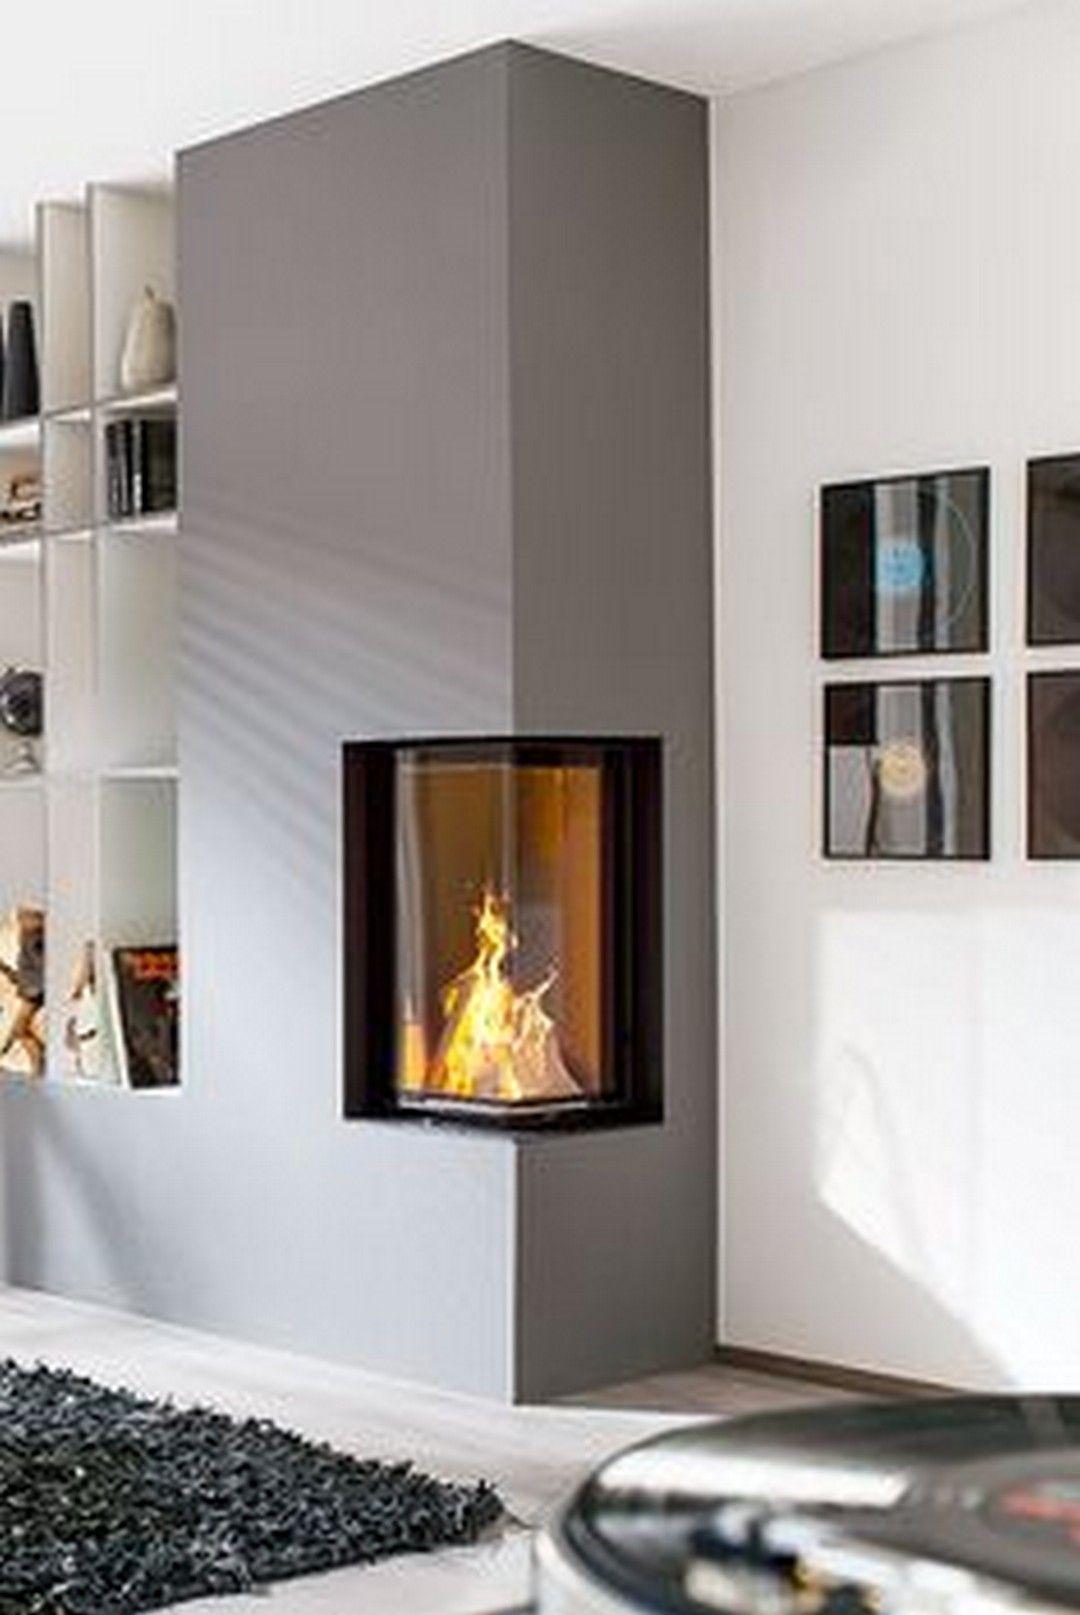 Farmhouse Architecture Interior Designs Which Are Easy To Improve